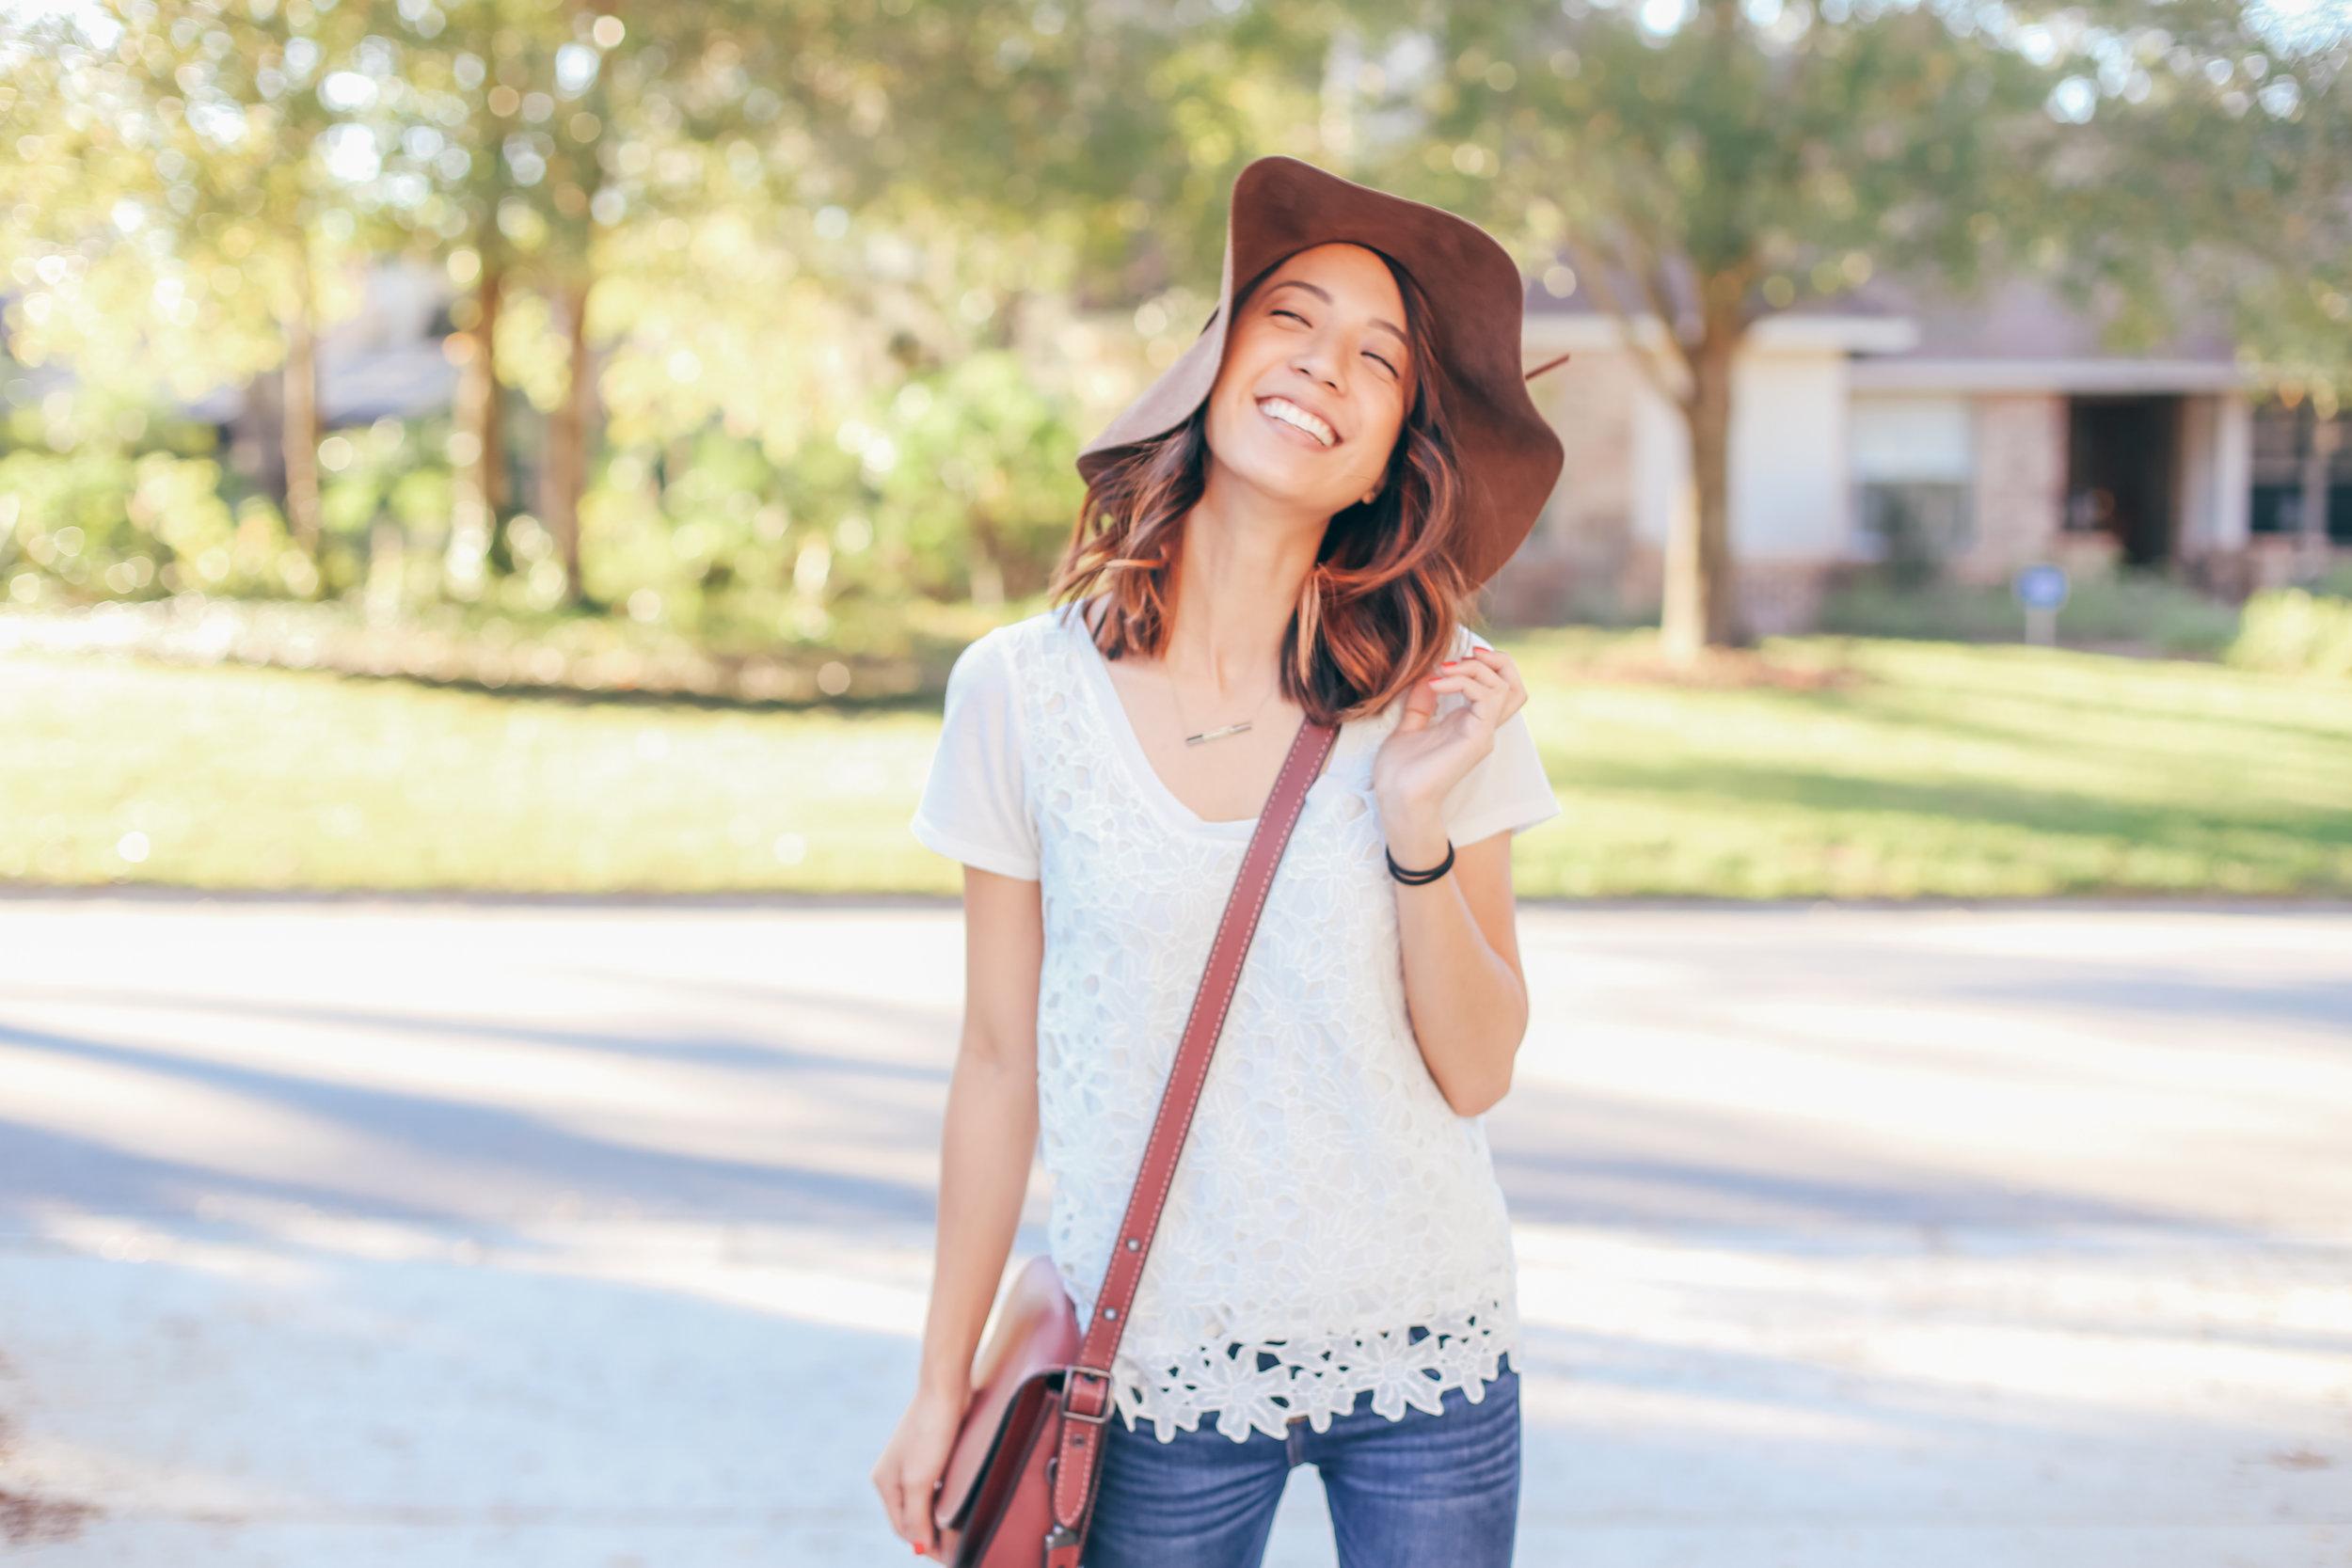 This Jenn Girl - Make Your Own Sunshine 3